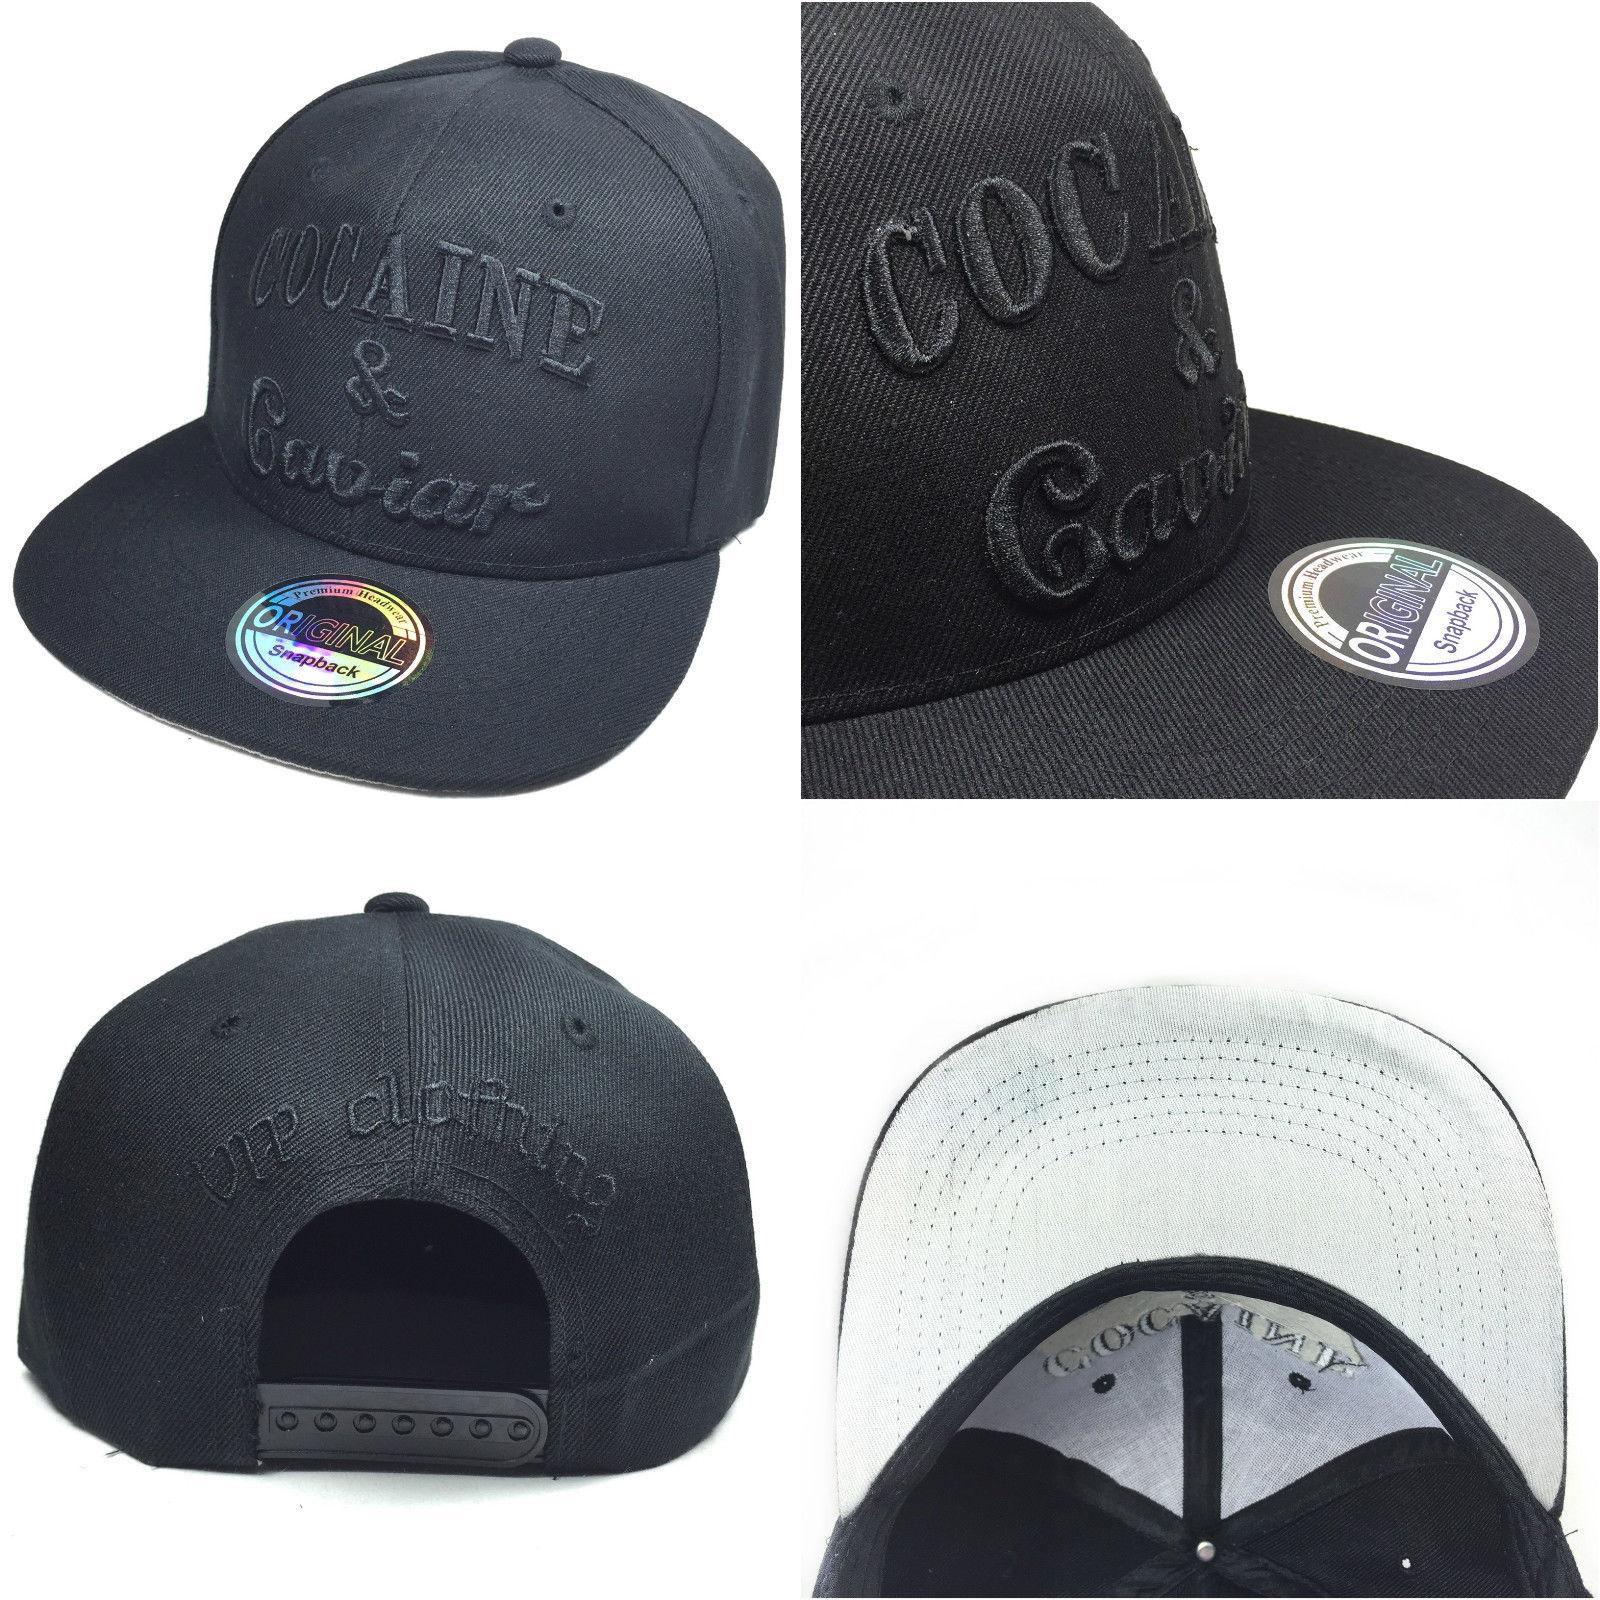 Cocaine & Caviar černé logo kšiltovka